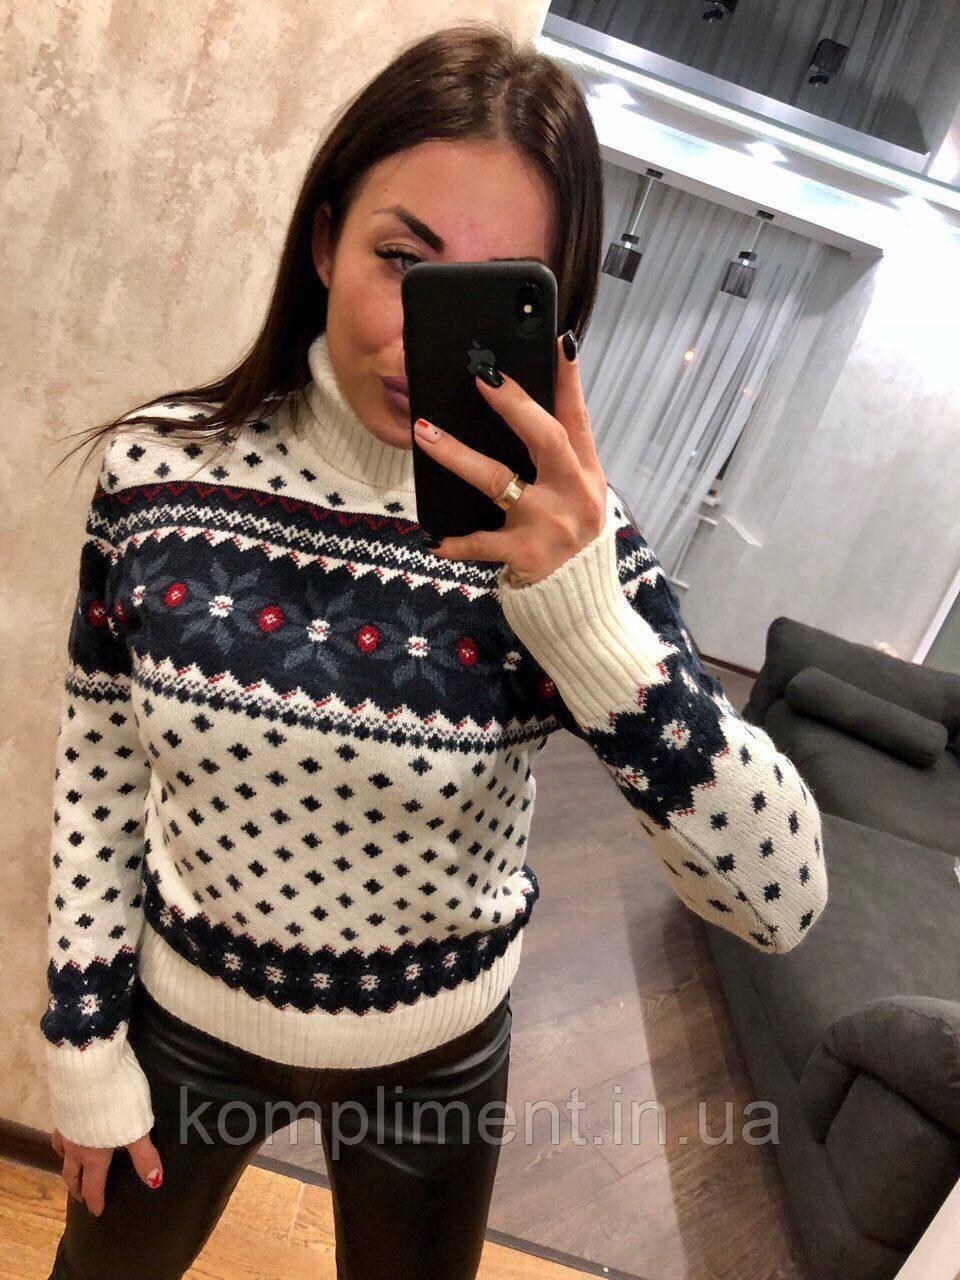 Шерстяной женский вязаный свитер с рисунком орнамент,белый.Турция